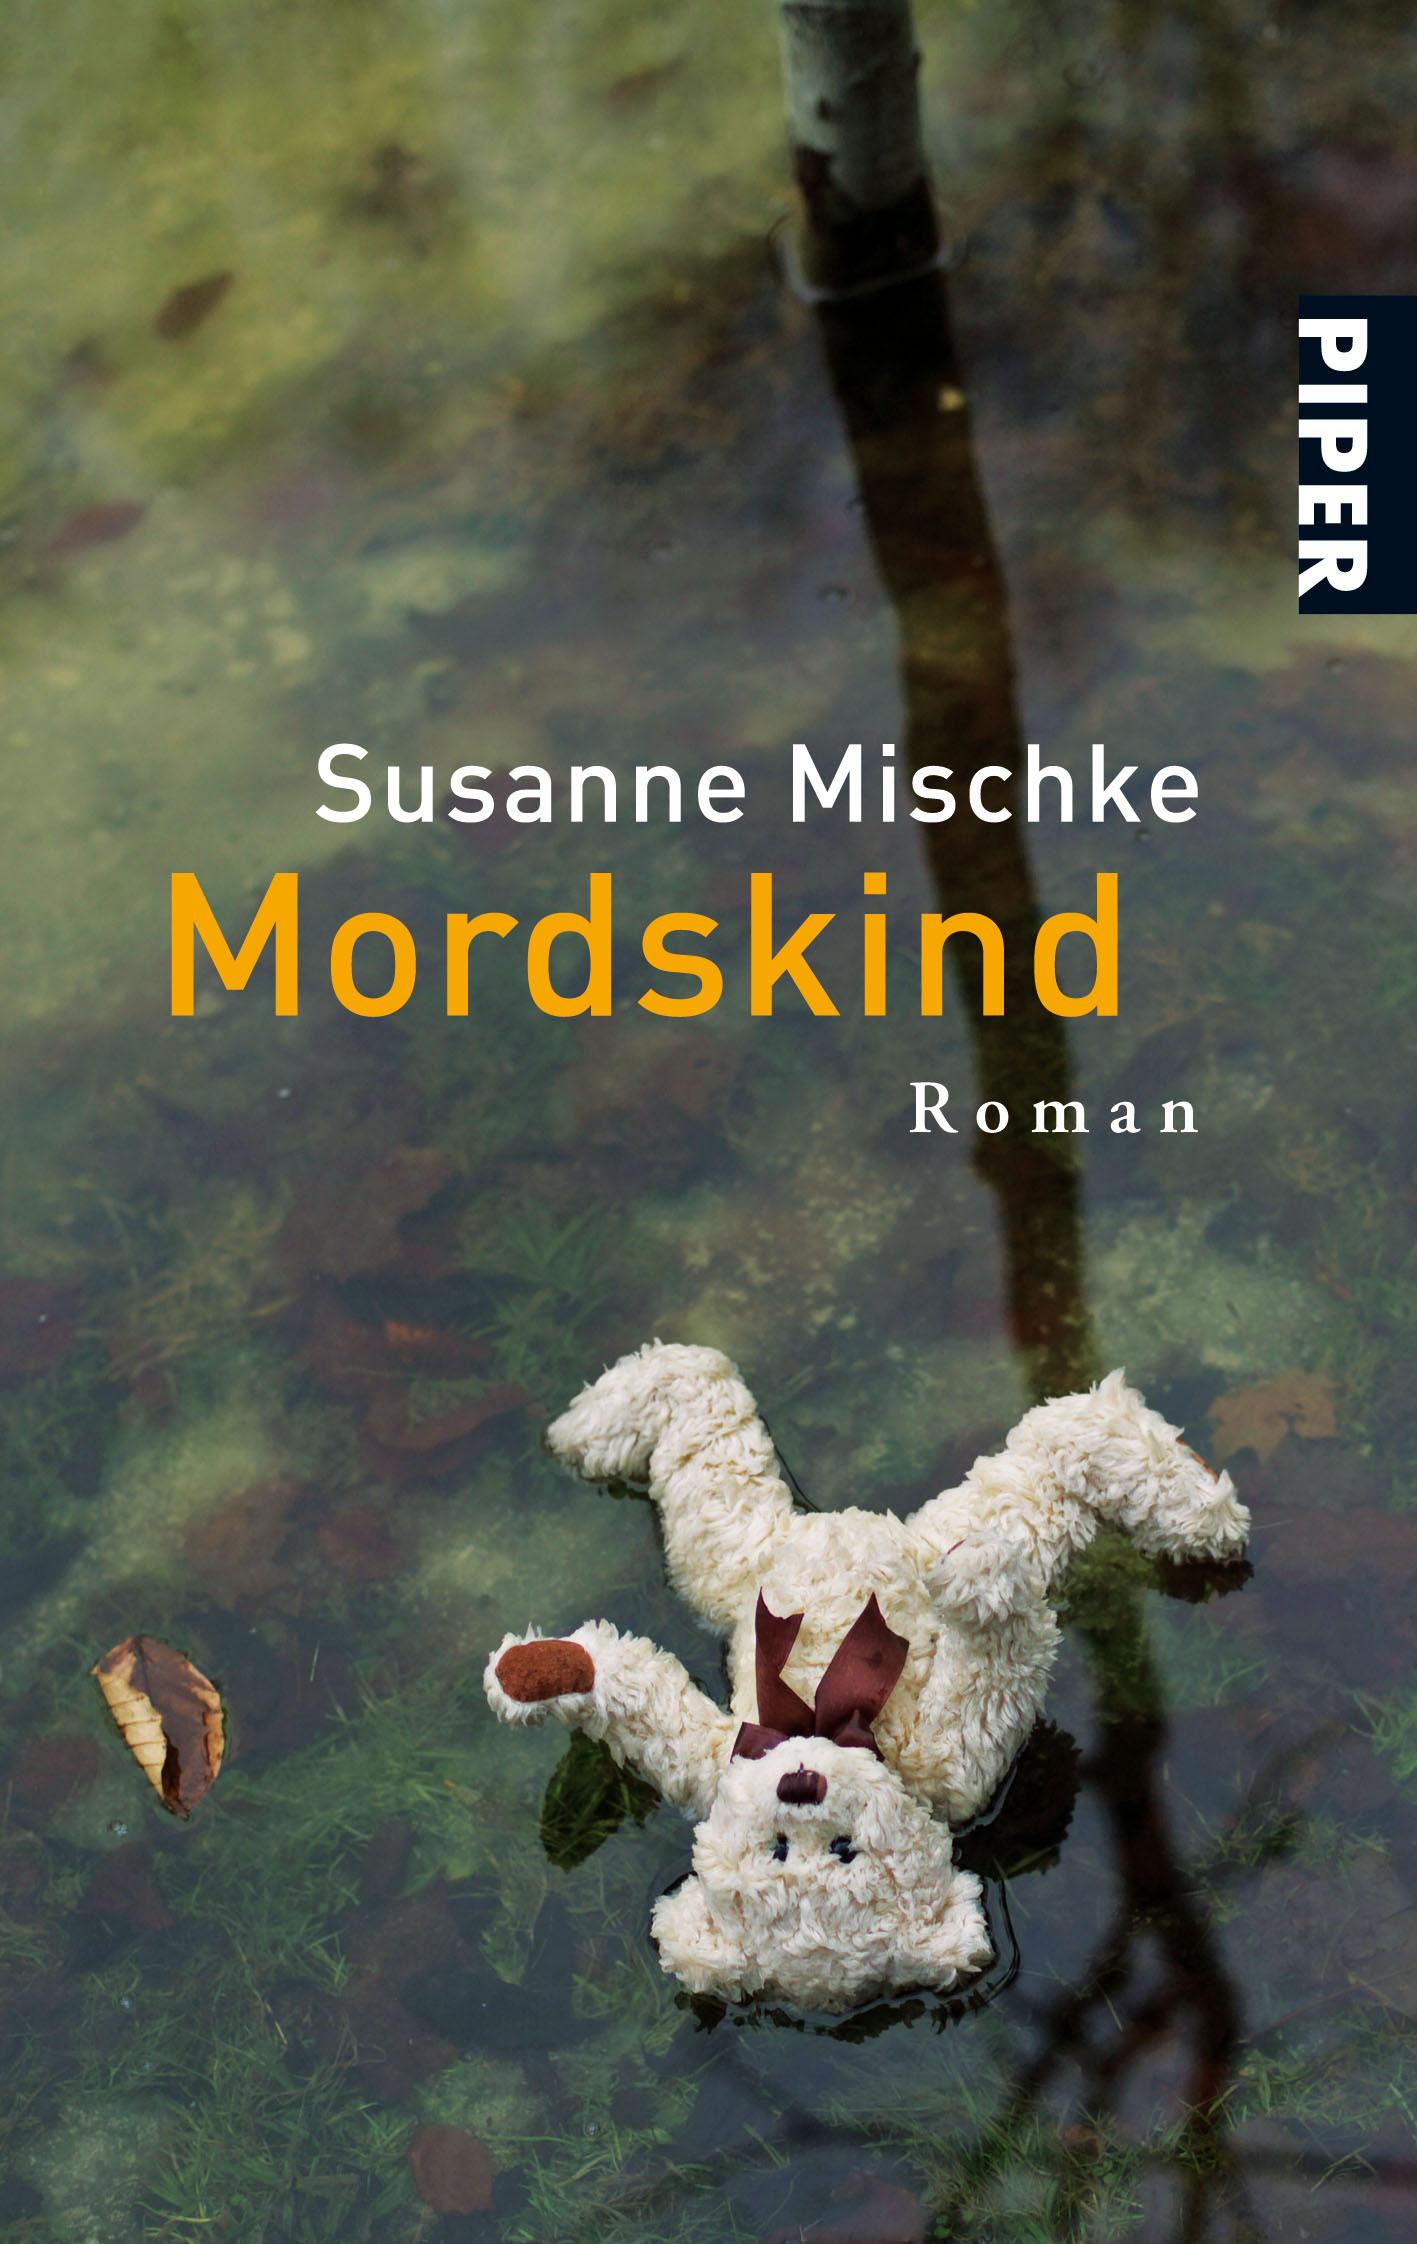 Mordskind: Kriminalroman Susanne Mischke